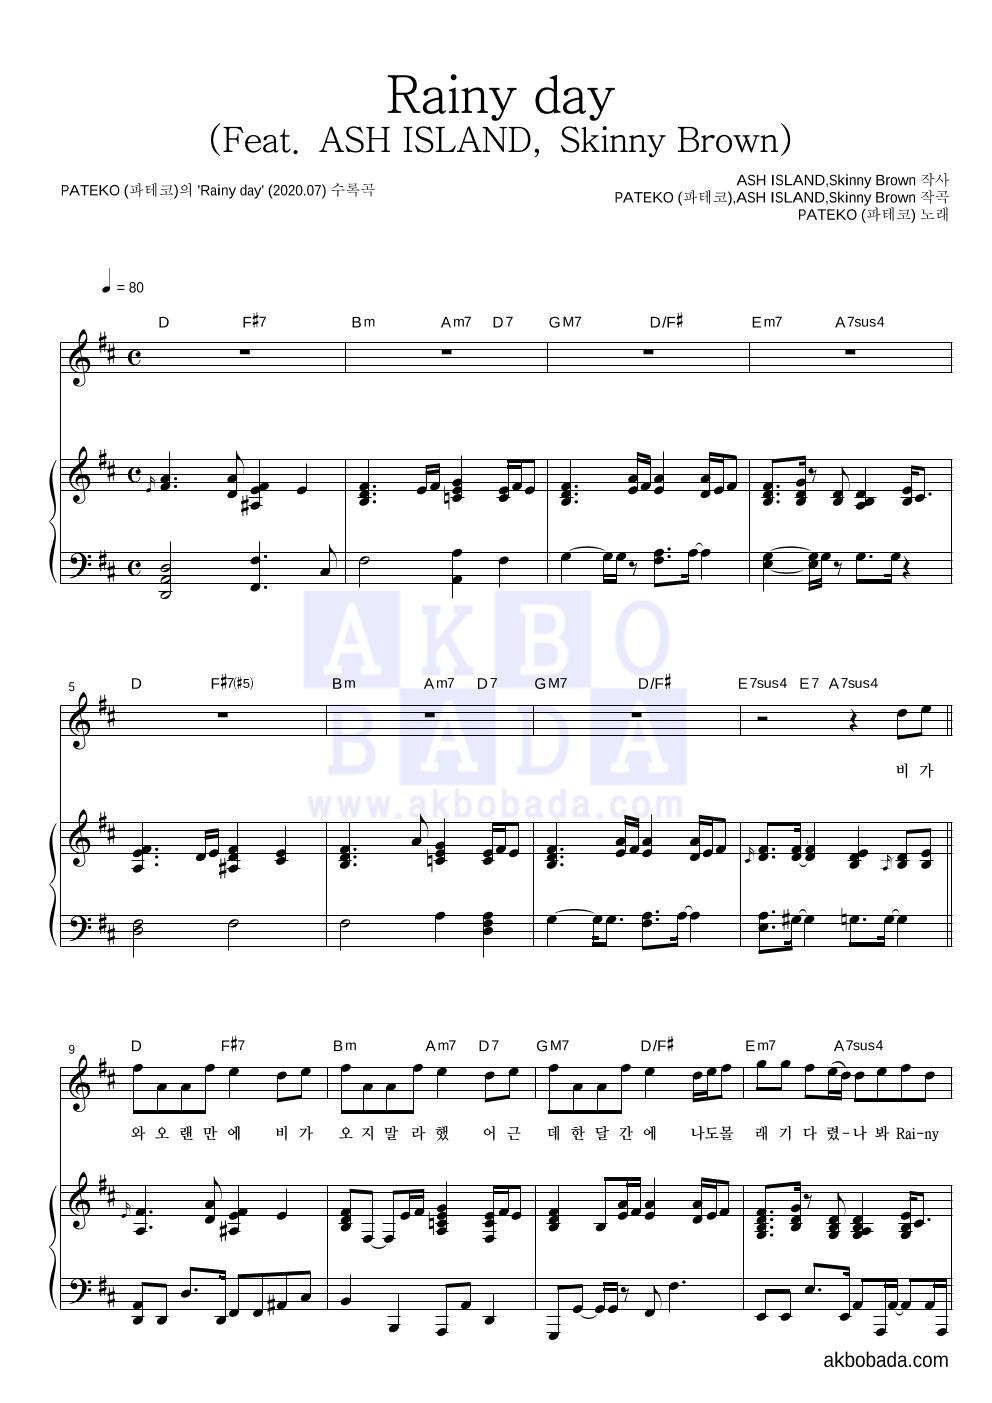 파테코 - Rainy day (Feat. ASH ISLAND, Skinny Brown) 피아노 3단 악보